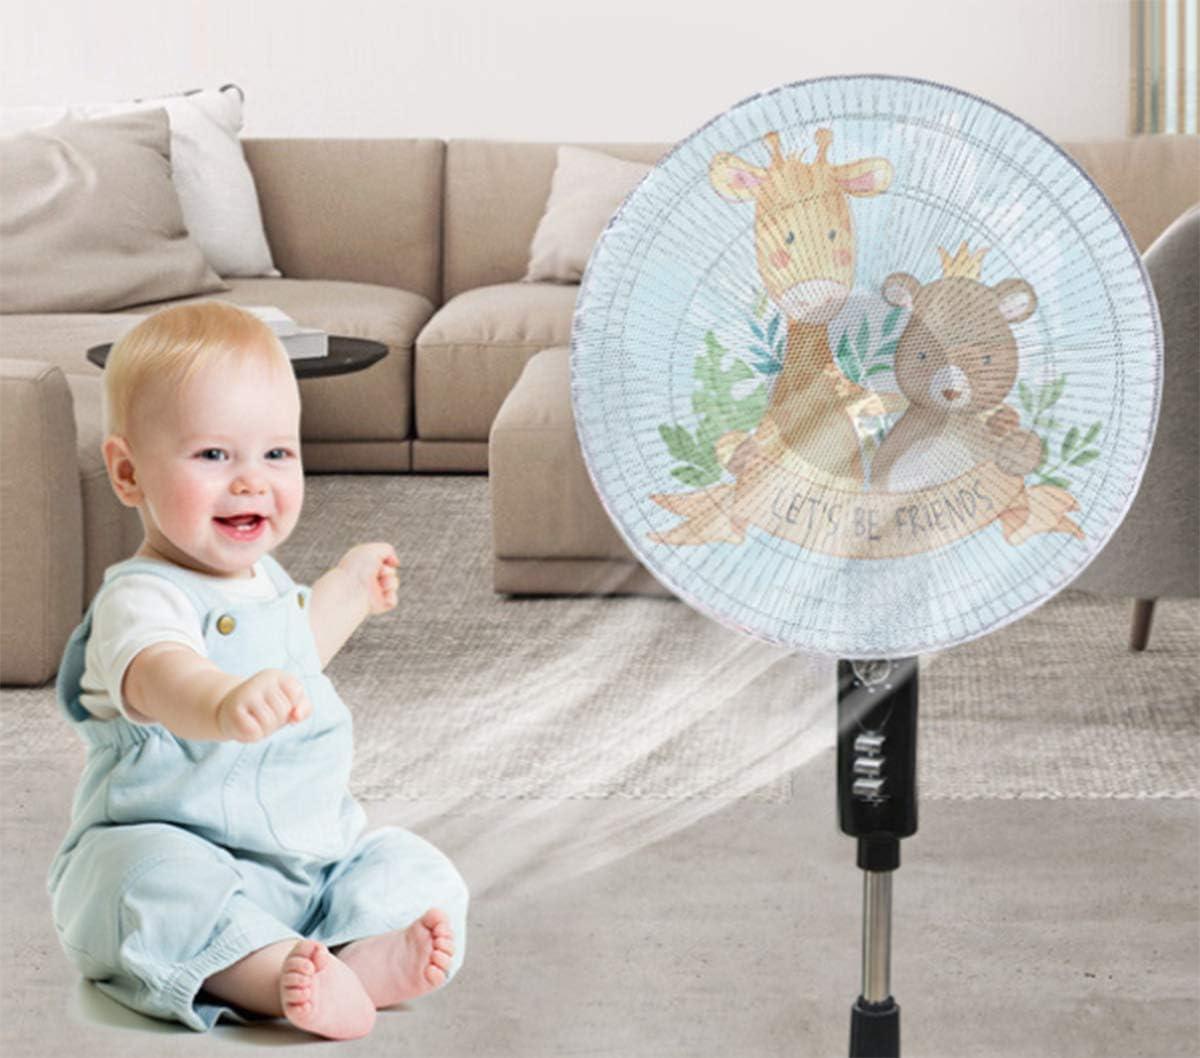 Couvercle anti-poussi/ère pour ventilateur,3 pcs Housse en maille anti-poussi/ère de protection pour enfant /à ventilateur /électrique rond en polyester adapt/ée au ventilateur de table diam/ètre 0~50 cm